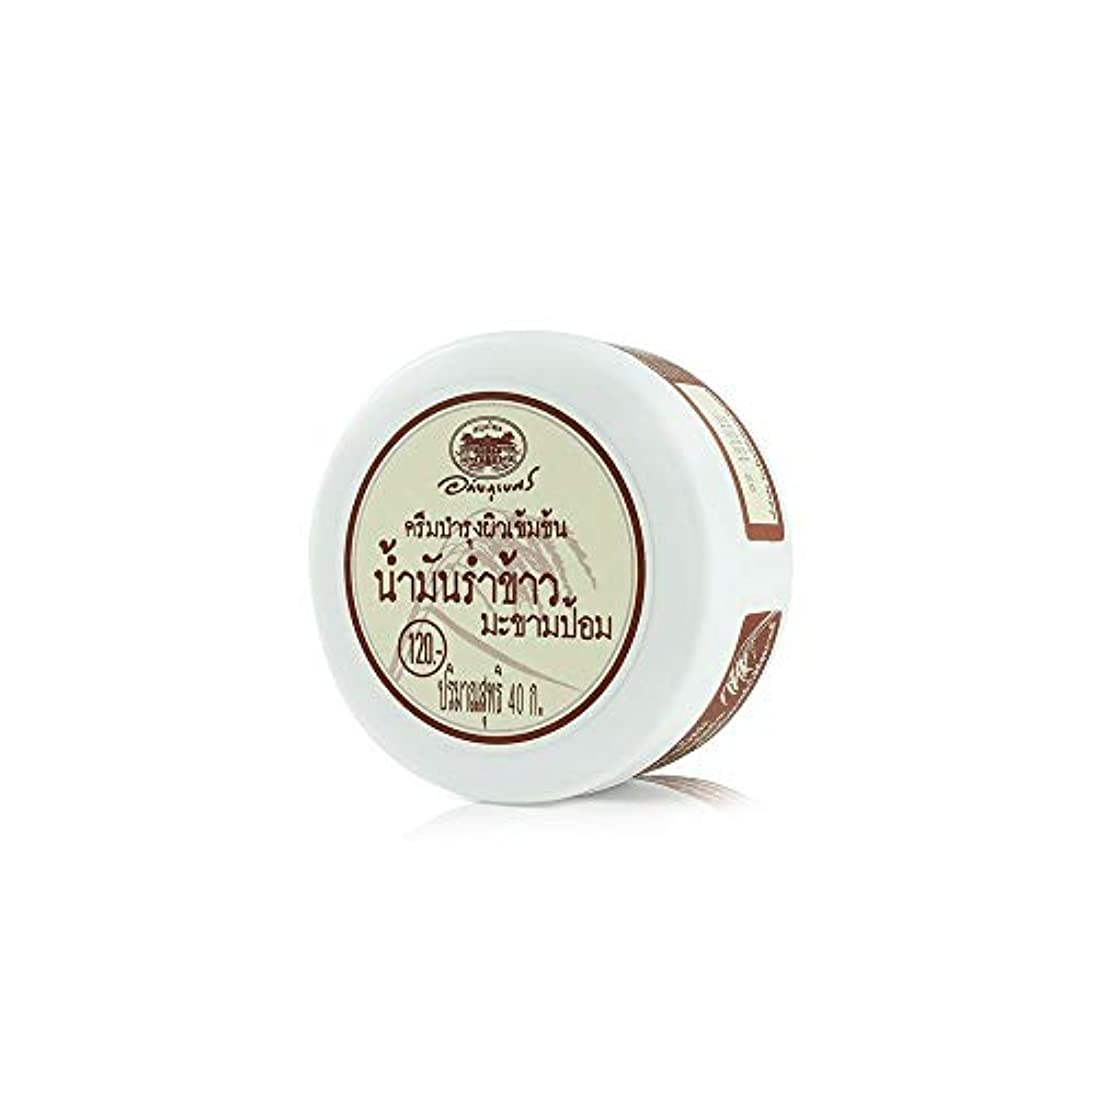 バリケード大人献身Abhaibhubejhr Rice Bran Oil Plus Tamarind Extract Herbal Body Cream 40g. Abhaibhubejhrライスブランオイルプラスタマリンドエクストラクトハーブボディクリーム...